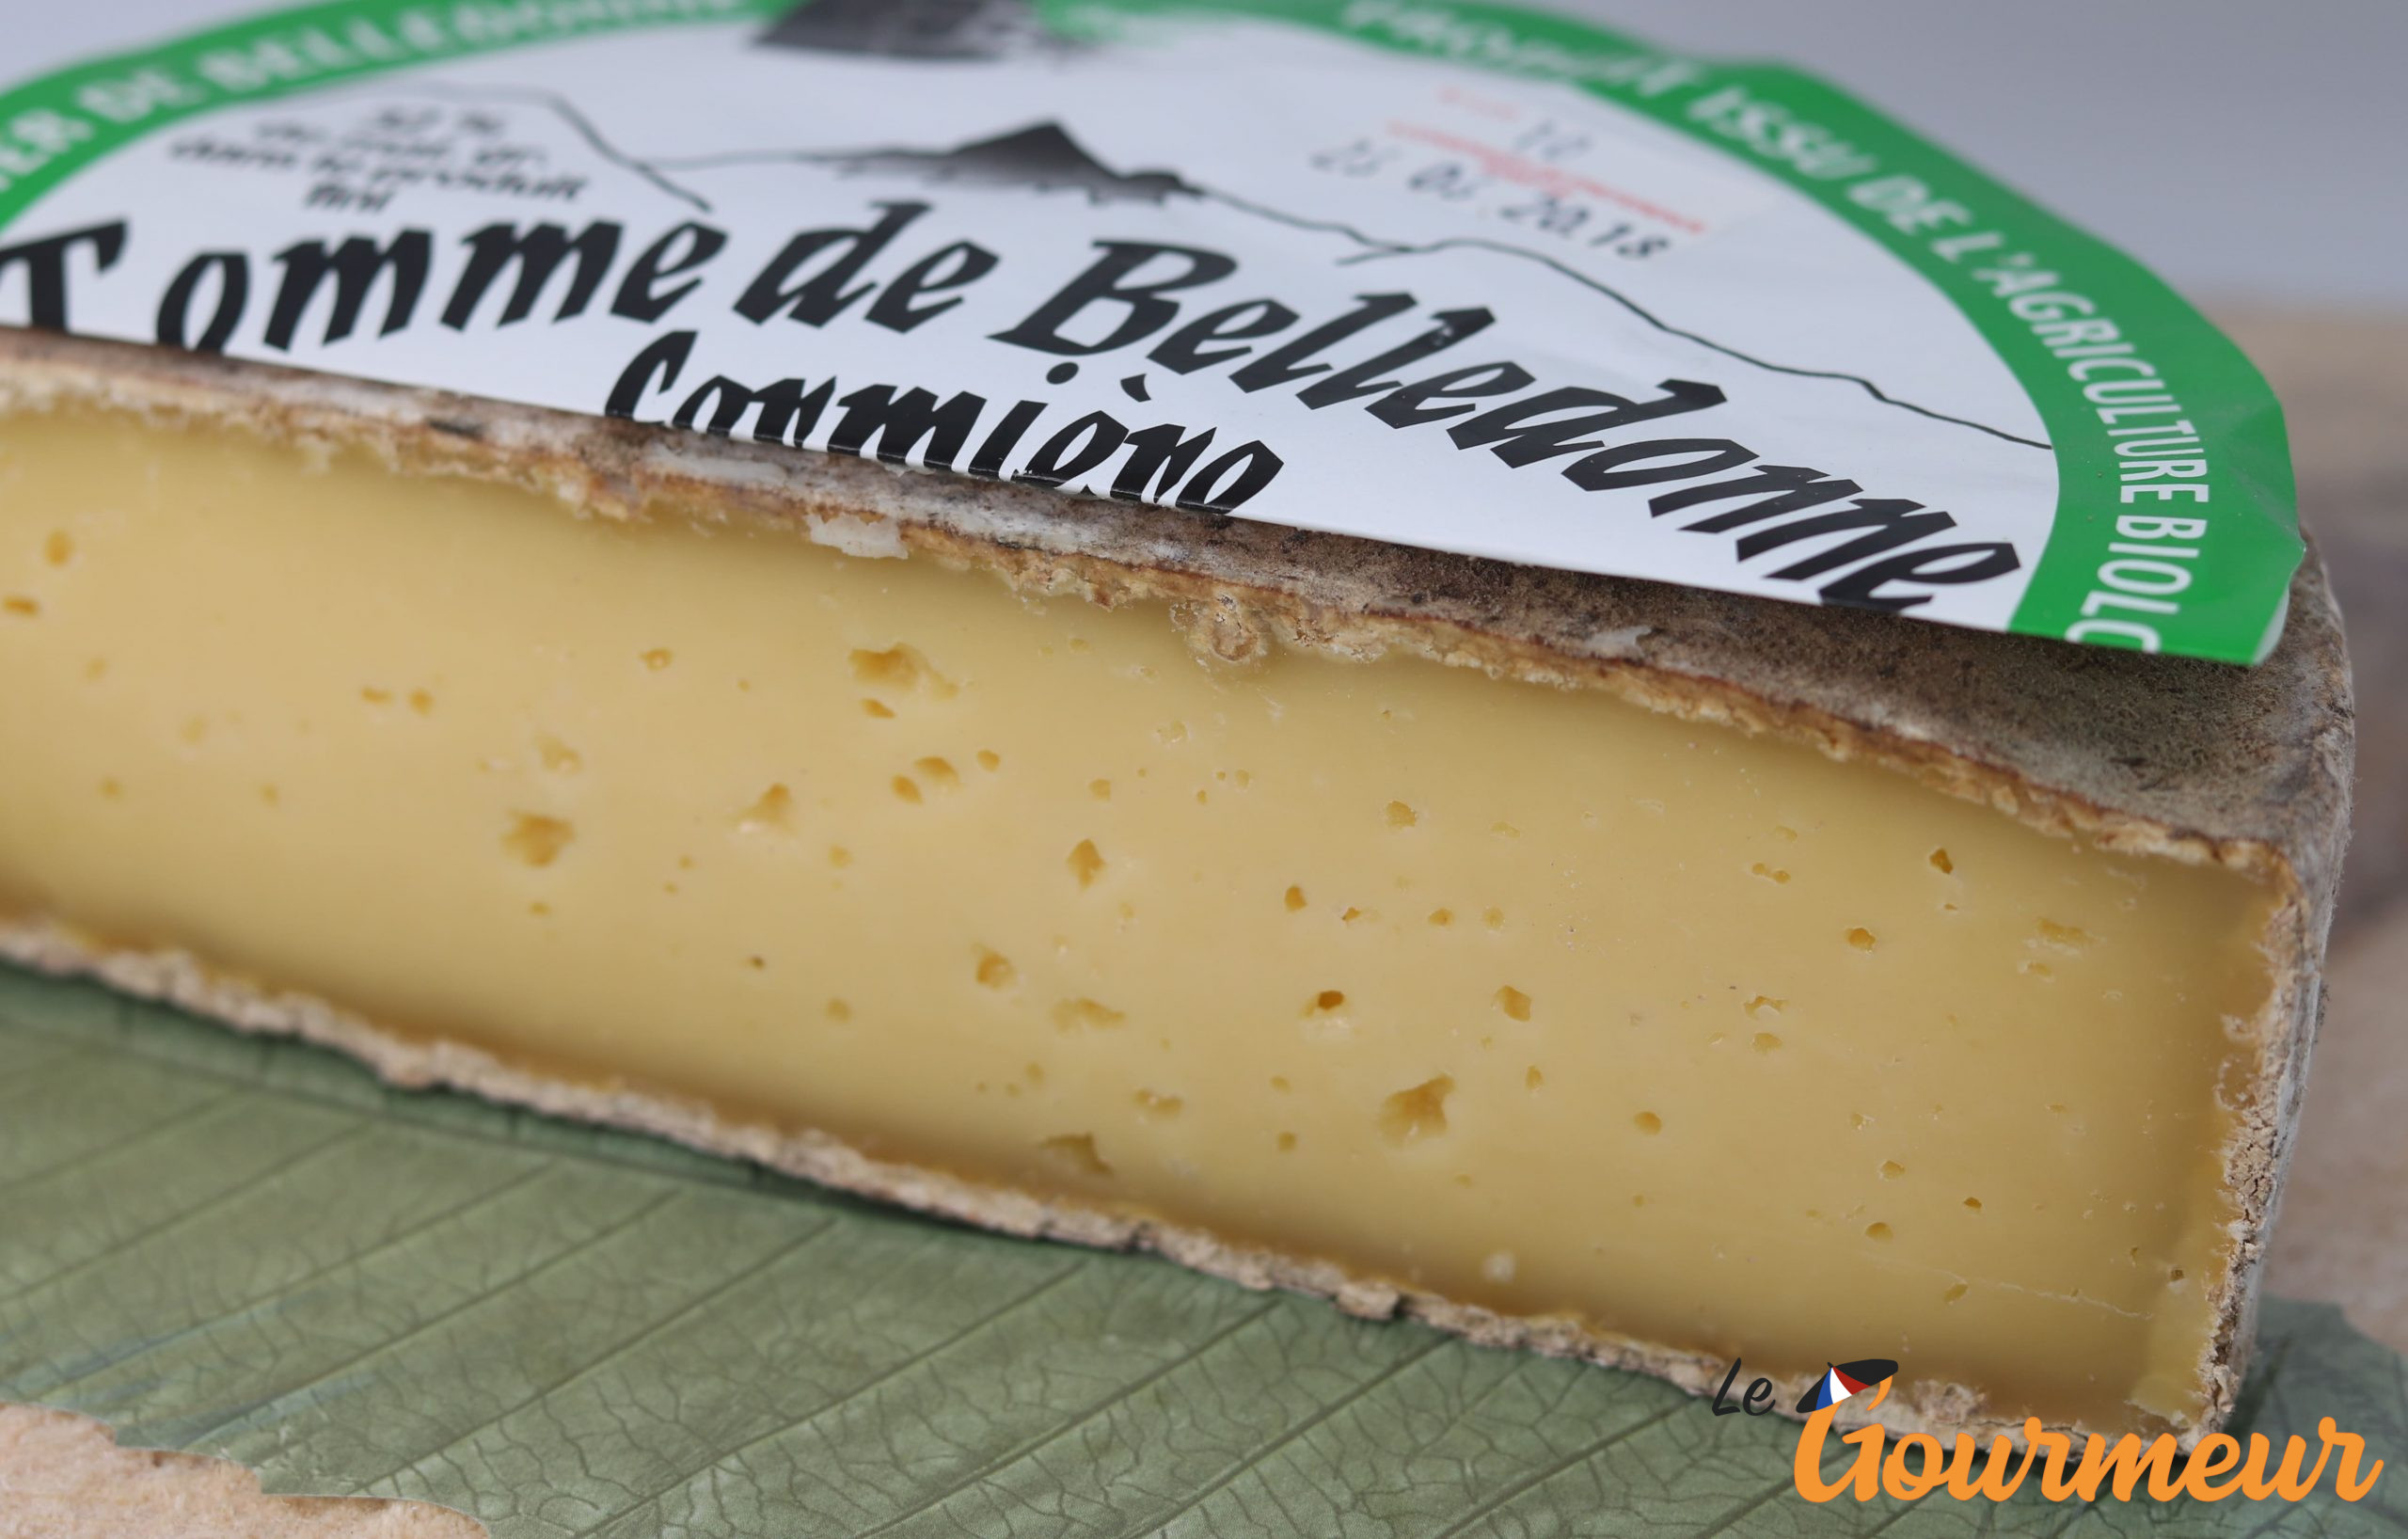 tomme de belledonne fromage